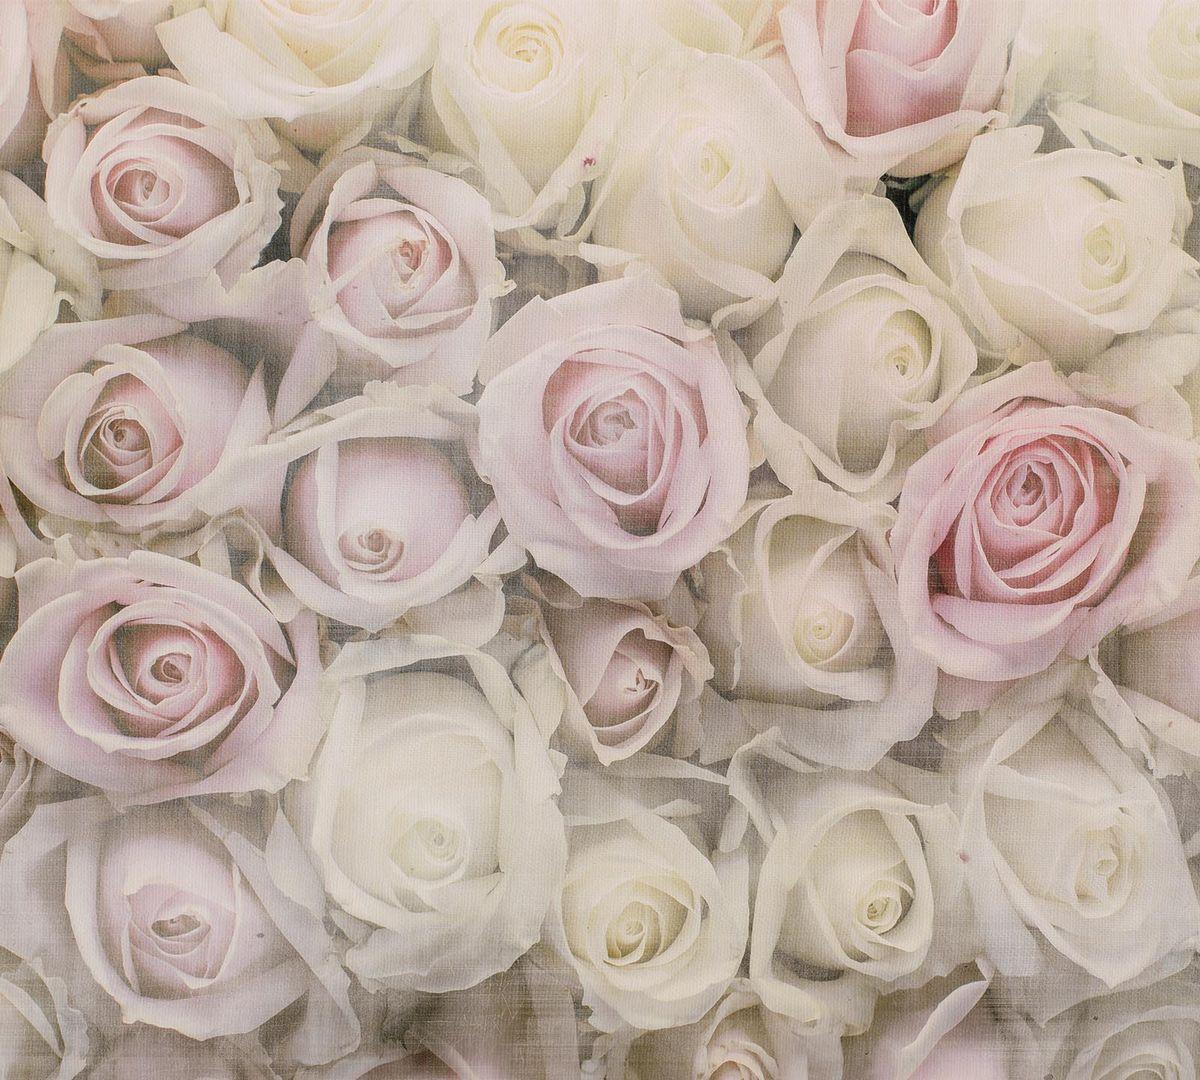 Фотообои Milan Розовая нежность, текстурные, 300 х 270 см. M 318m 318Виниловые обои горячего тиснения на флизелиновой основе MILAN — дизайнерская коллекция фотообоев и фотопанно европейского качества, созданная на основе последних тенденций в мире интерьерной моды. Еще вчера эти тренды демонстрировались на подиумах